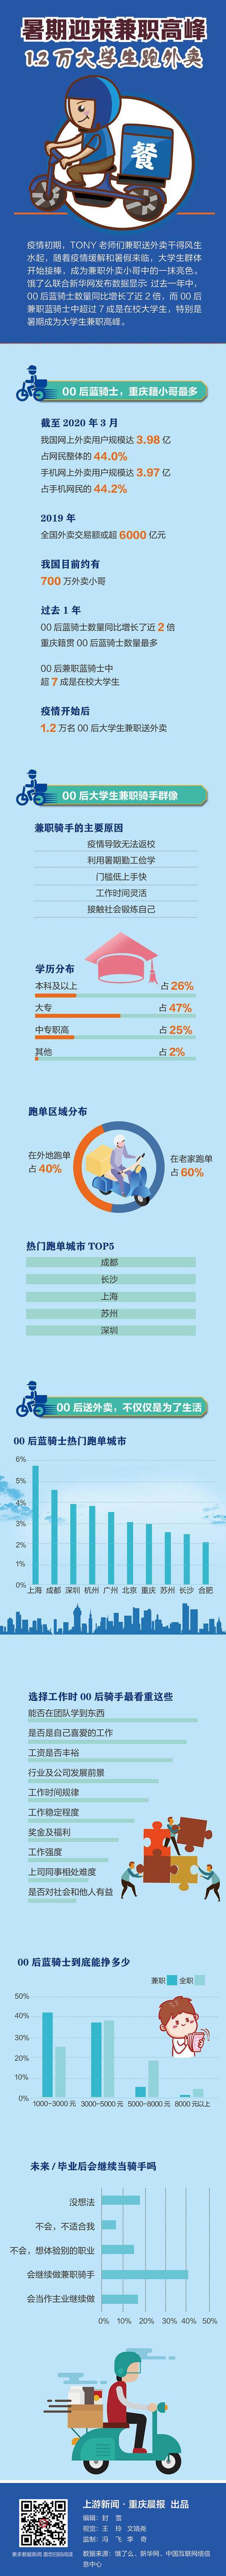 杏耀官网代理:峰12万大学杏耀官网代理图片